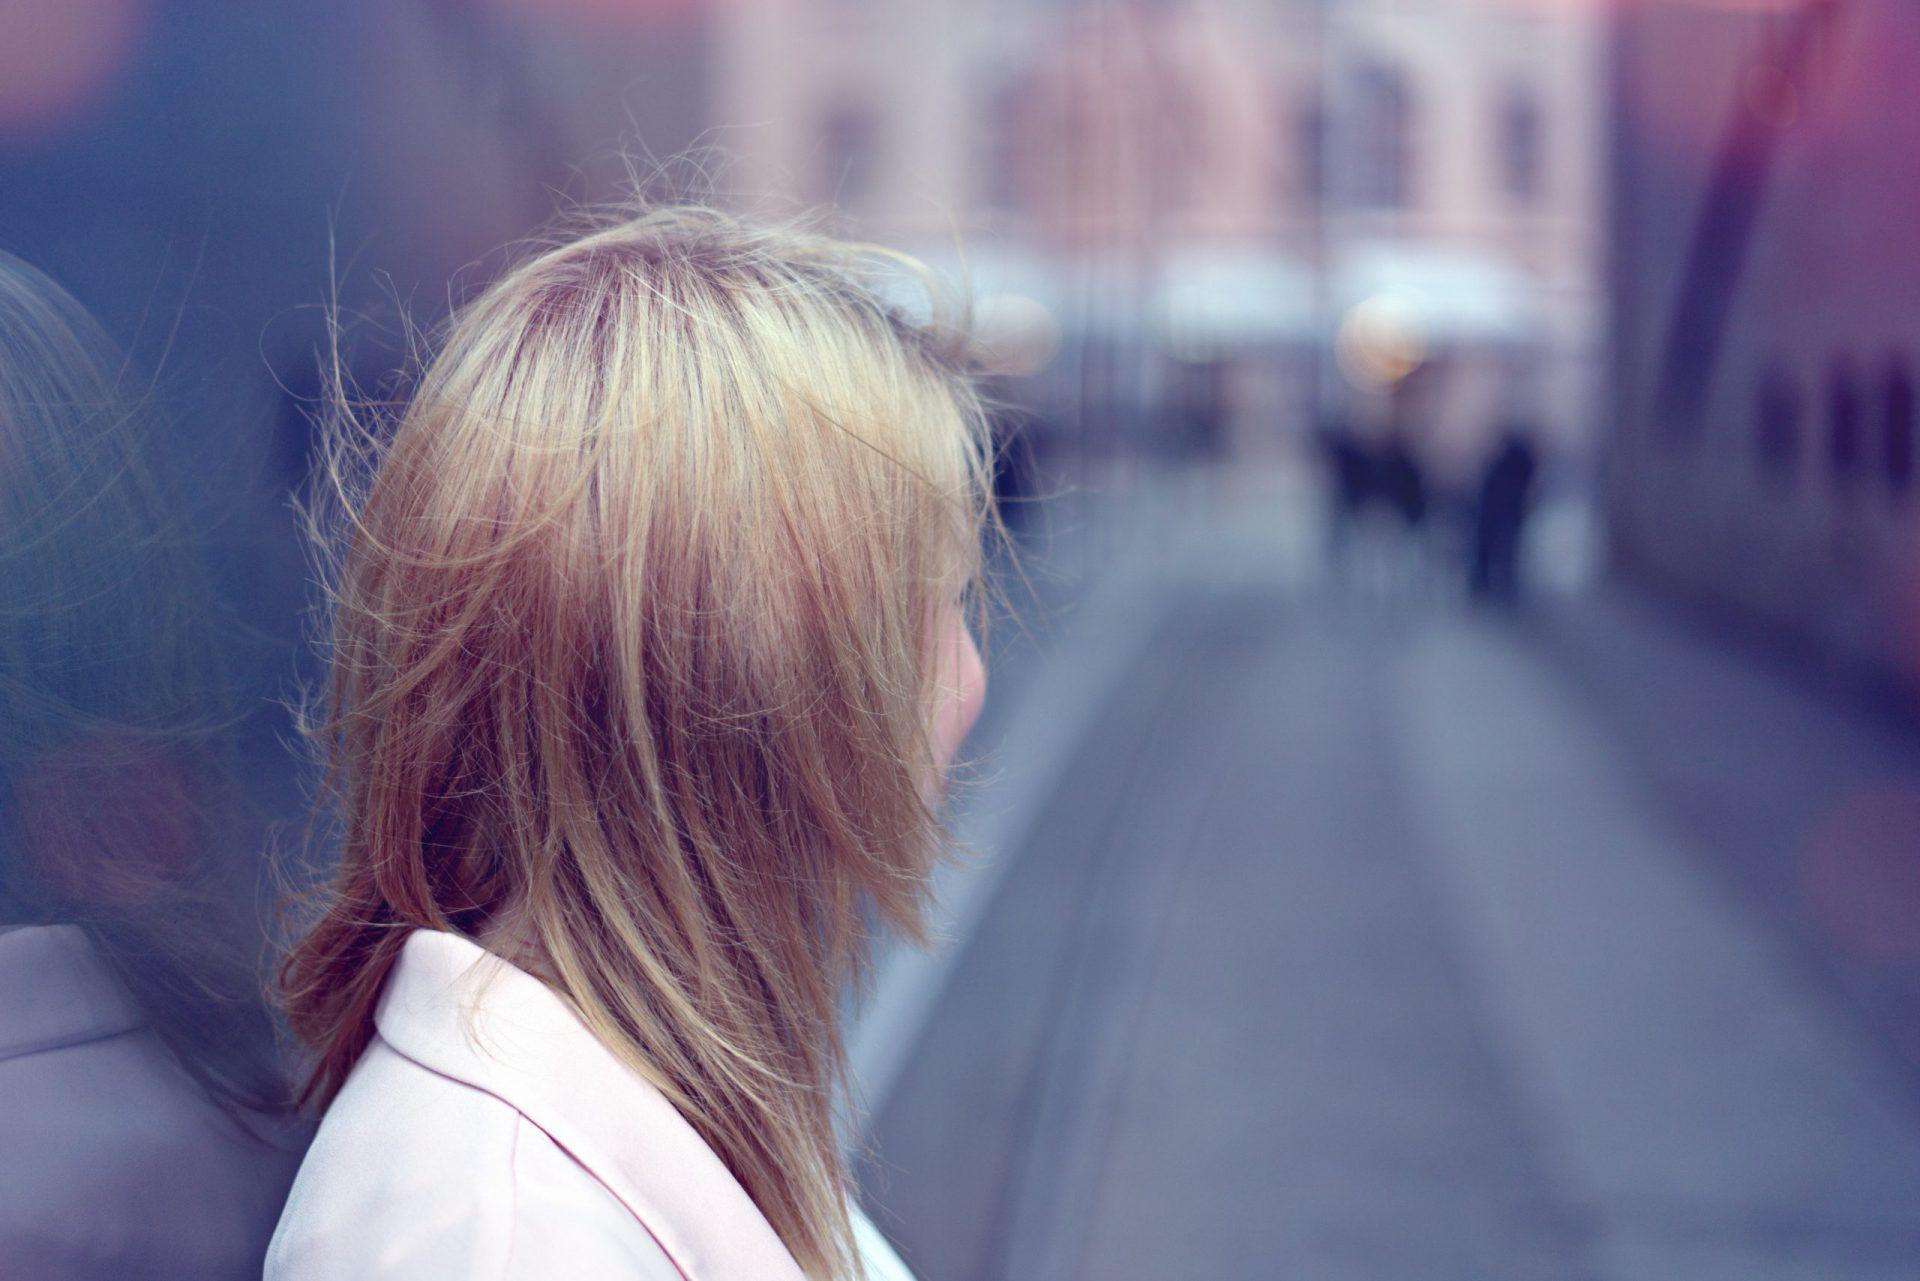 Junge, blonde Frau, die in Straßenschlucht blickt